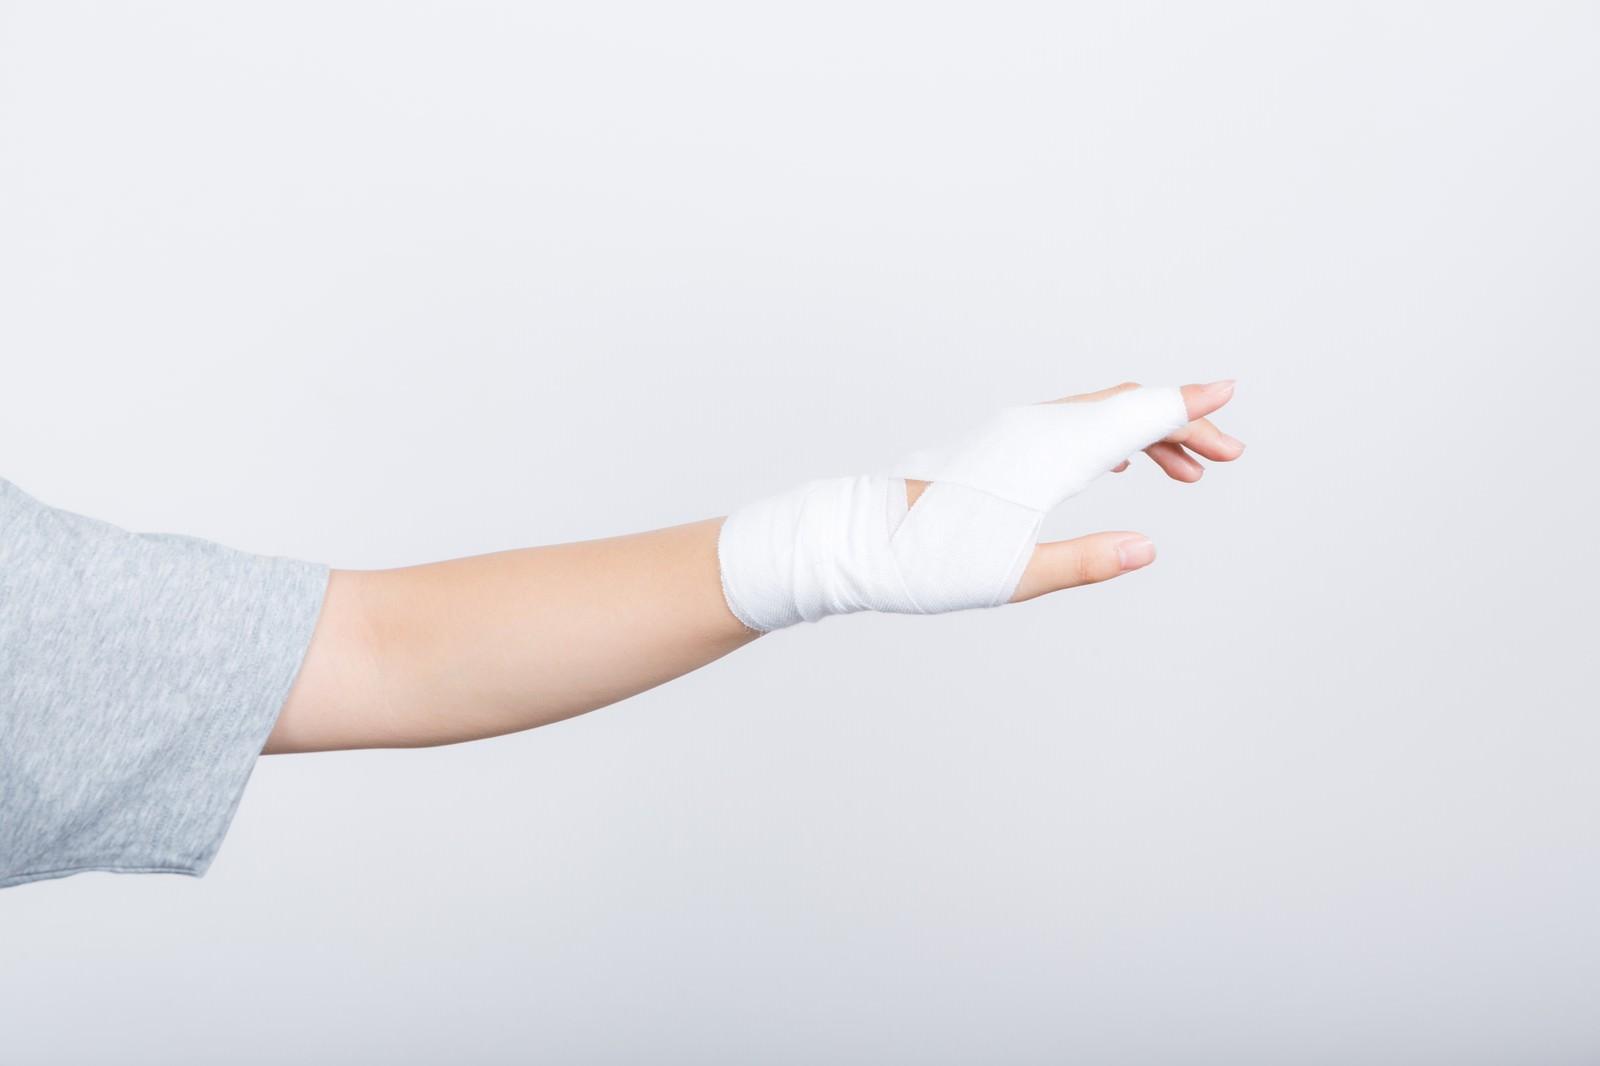 「左手示指固定」の写真